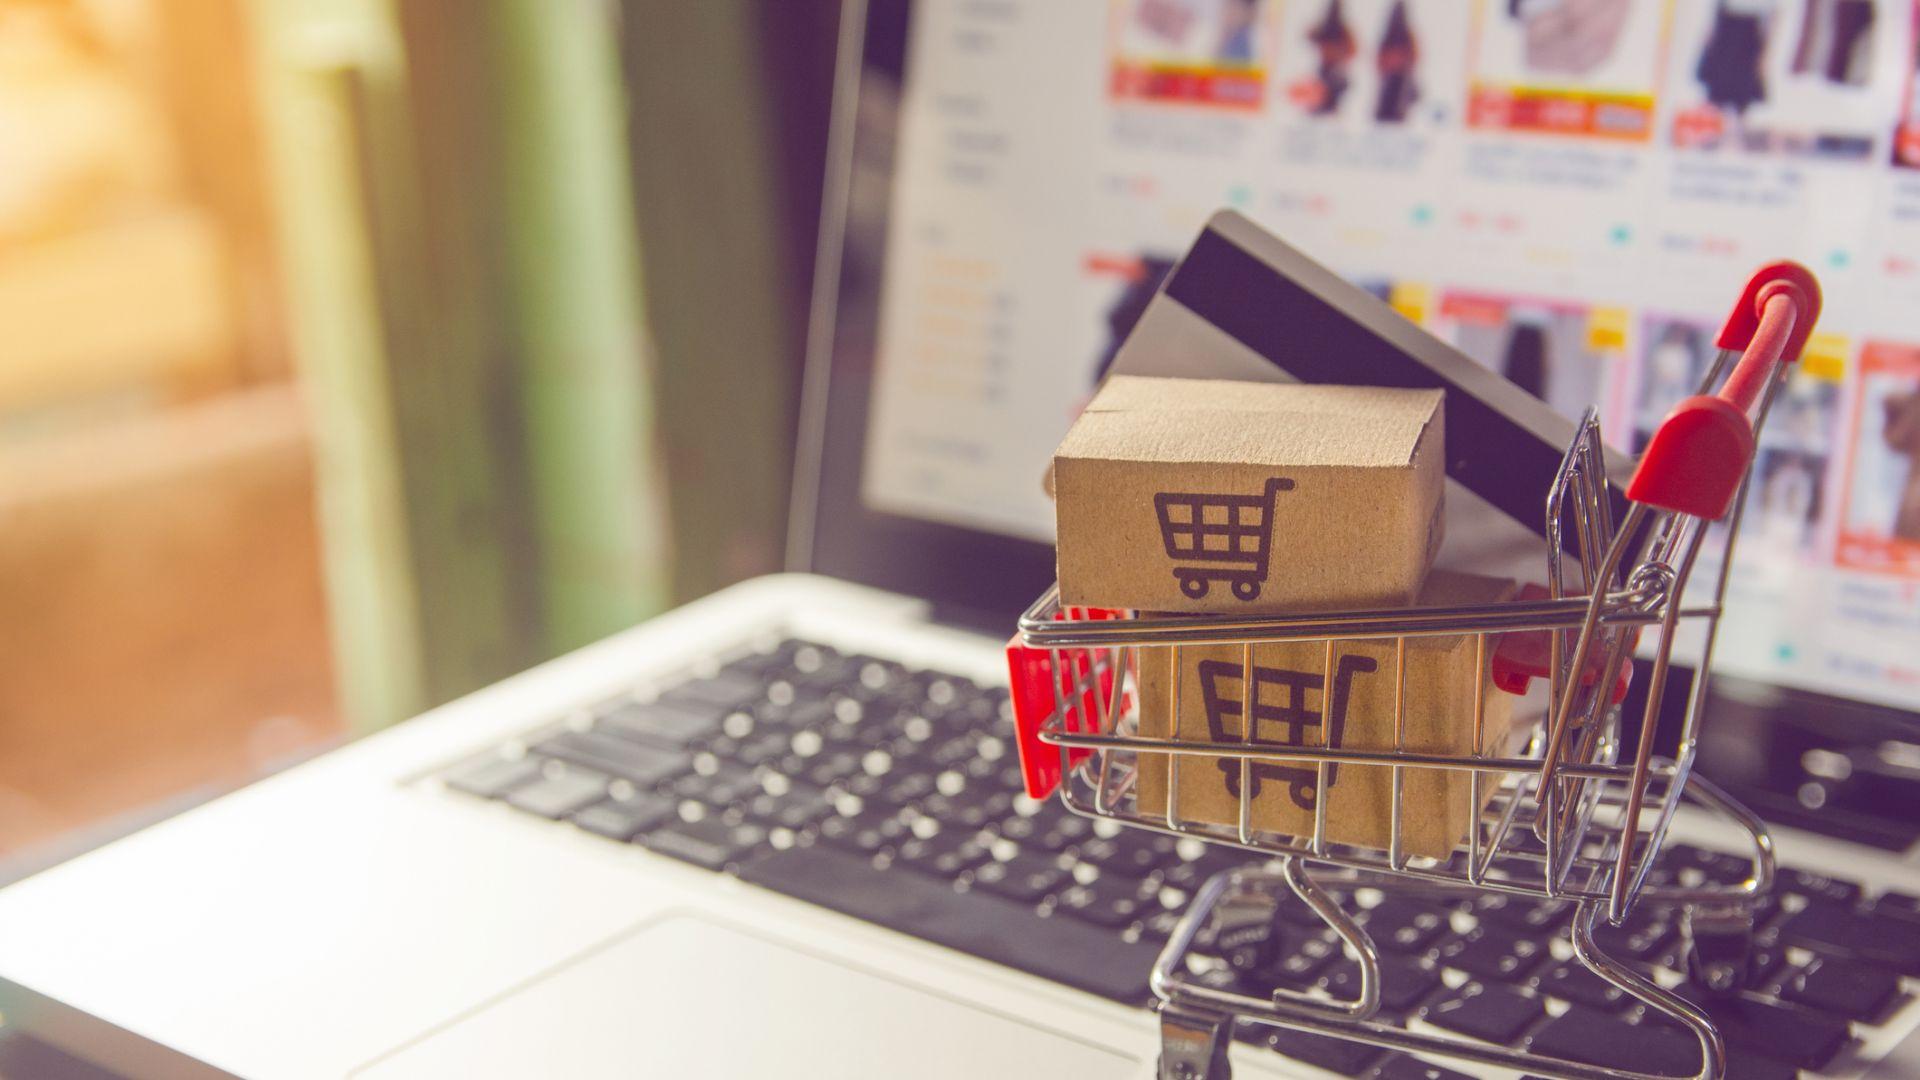 Онлайн търговията продължава да отчита устойчив растеж